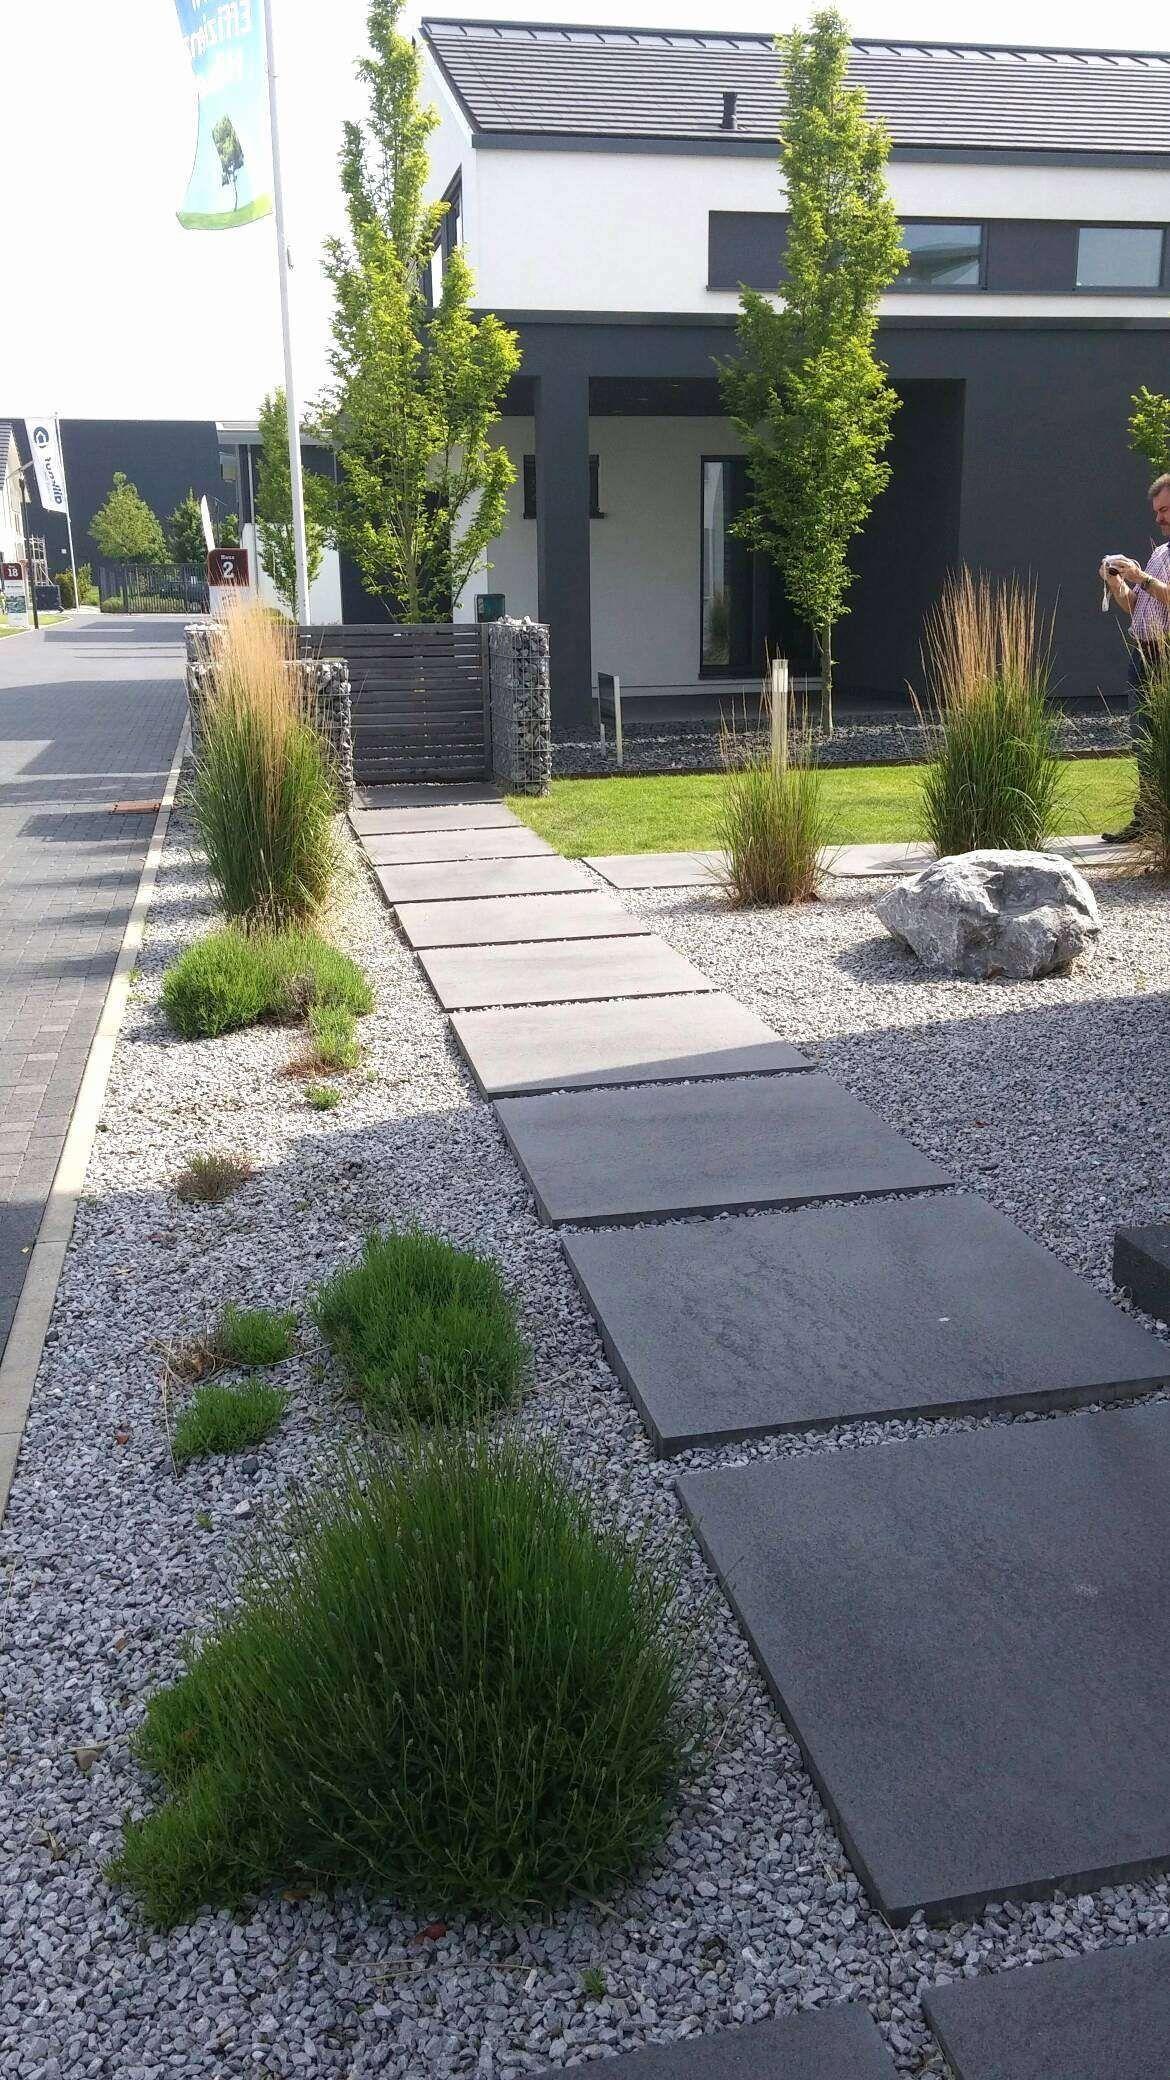 Holzstamm Deko Garten Schön Garten Ideas Garten Anlegen Lovely Aussenleuchten Garten 0d